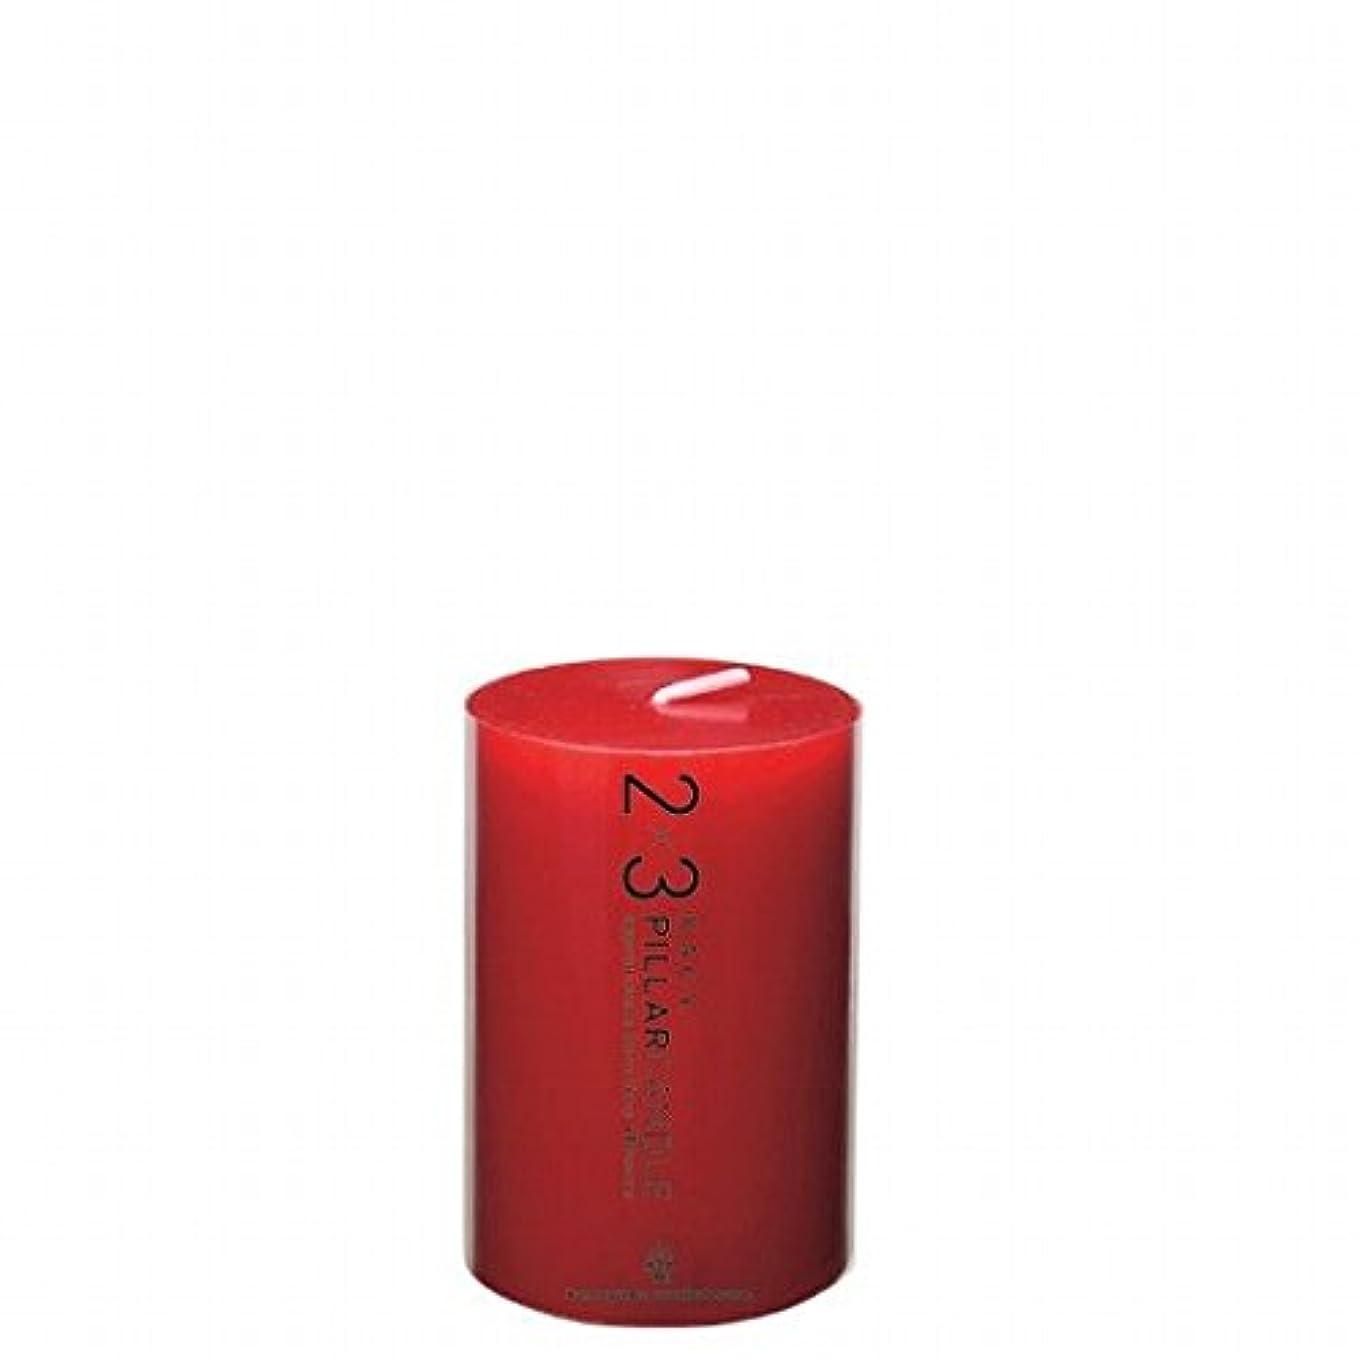 現実的健康的重要な役割を果たす、中心的な手段となるカメヤマキャンドル( kameyama candle ) 2×3ピラーキャンドル 「 レッド 」